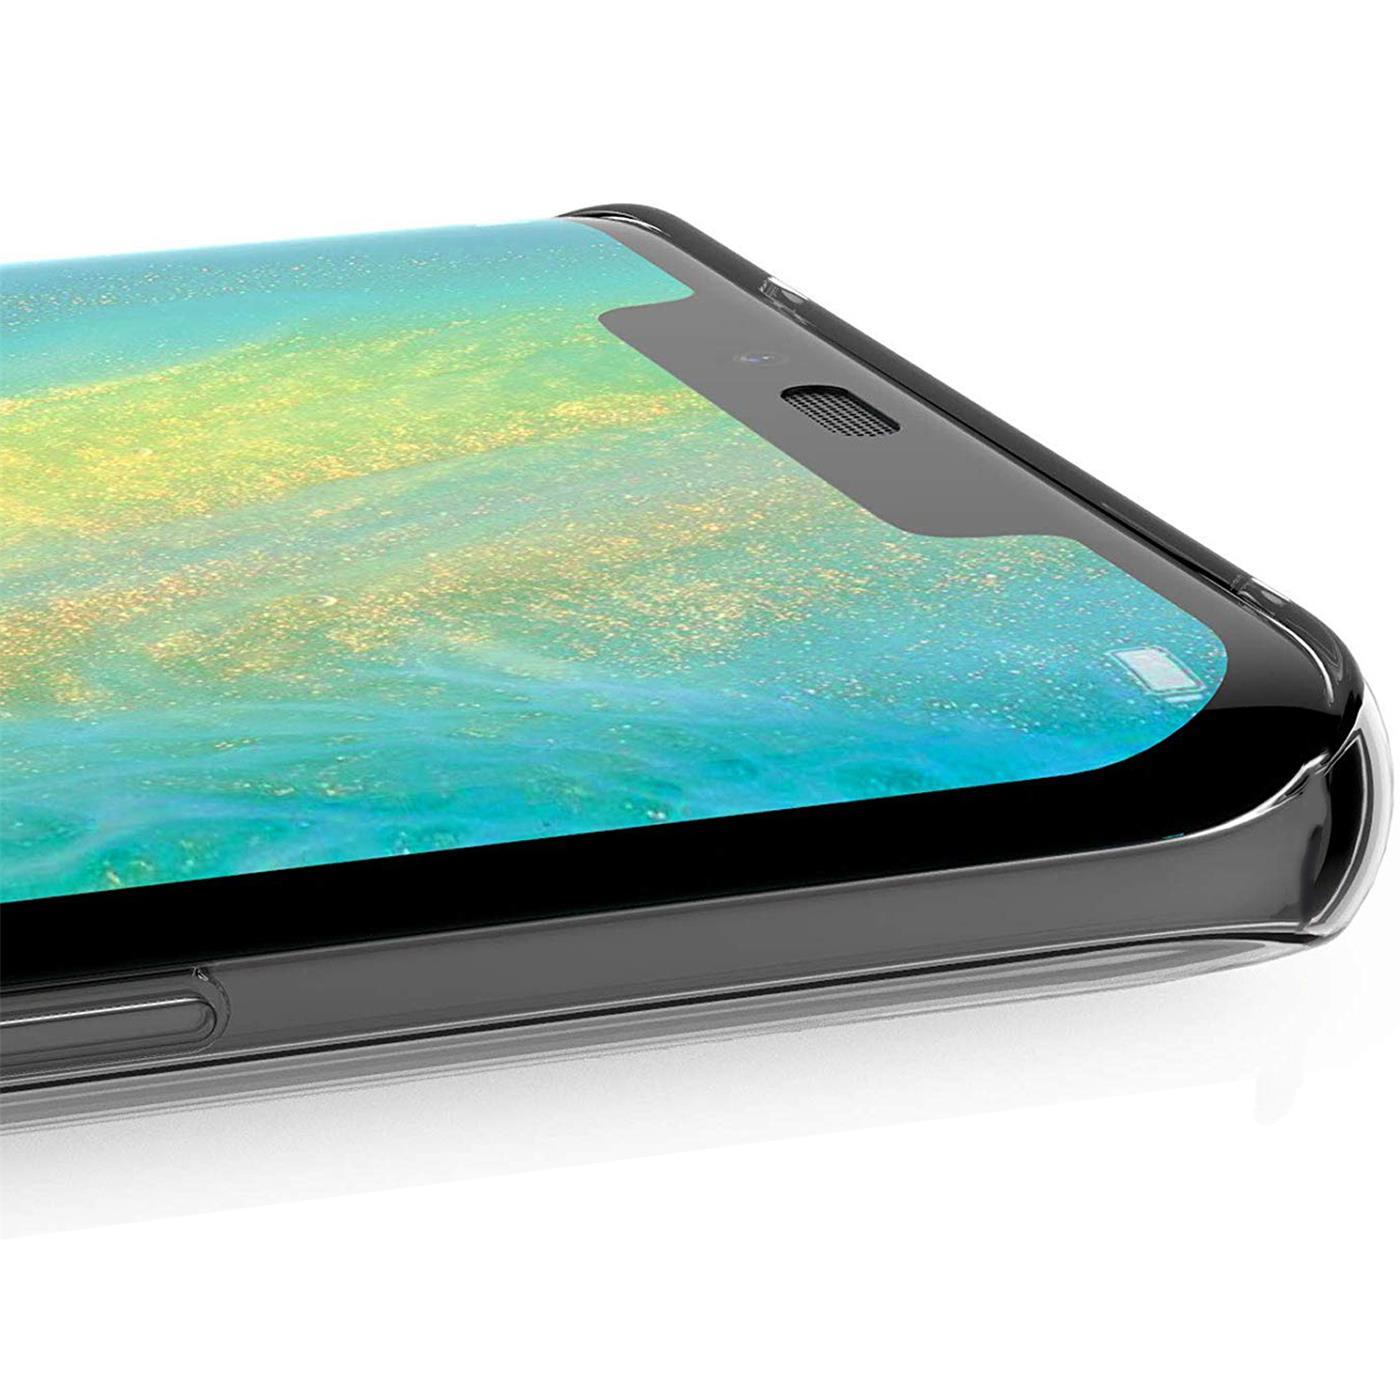 Huawei-P30-Lite-Motiv-Handy-Huelle-Silikon-Tasche-Schutzhuelle-Cover-Slim-TPU-Case Indexbild 26